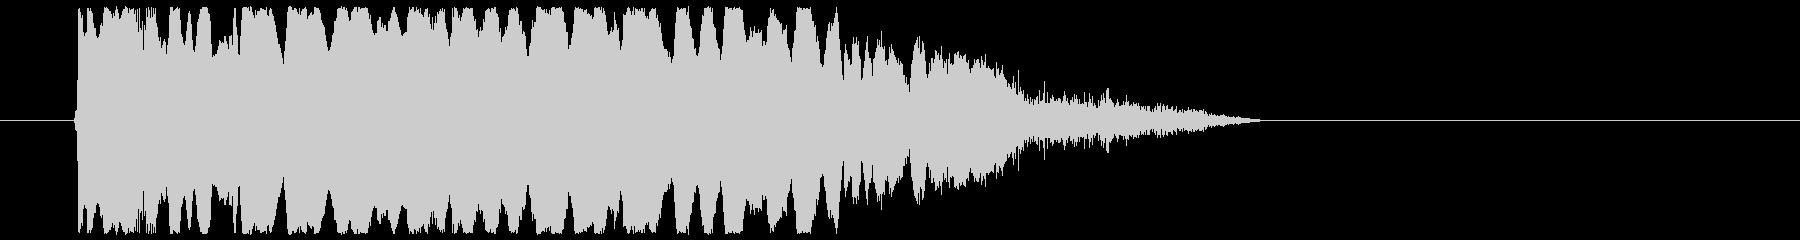 トロスパルマスデタンゴの未再生の波形